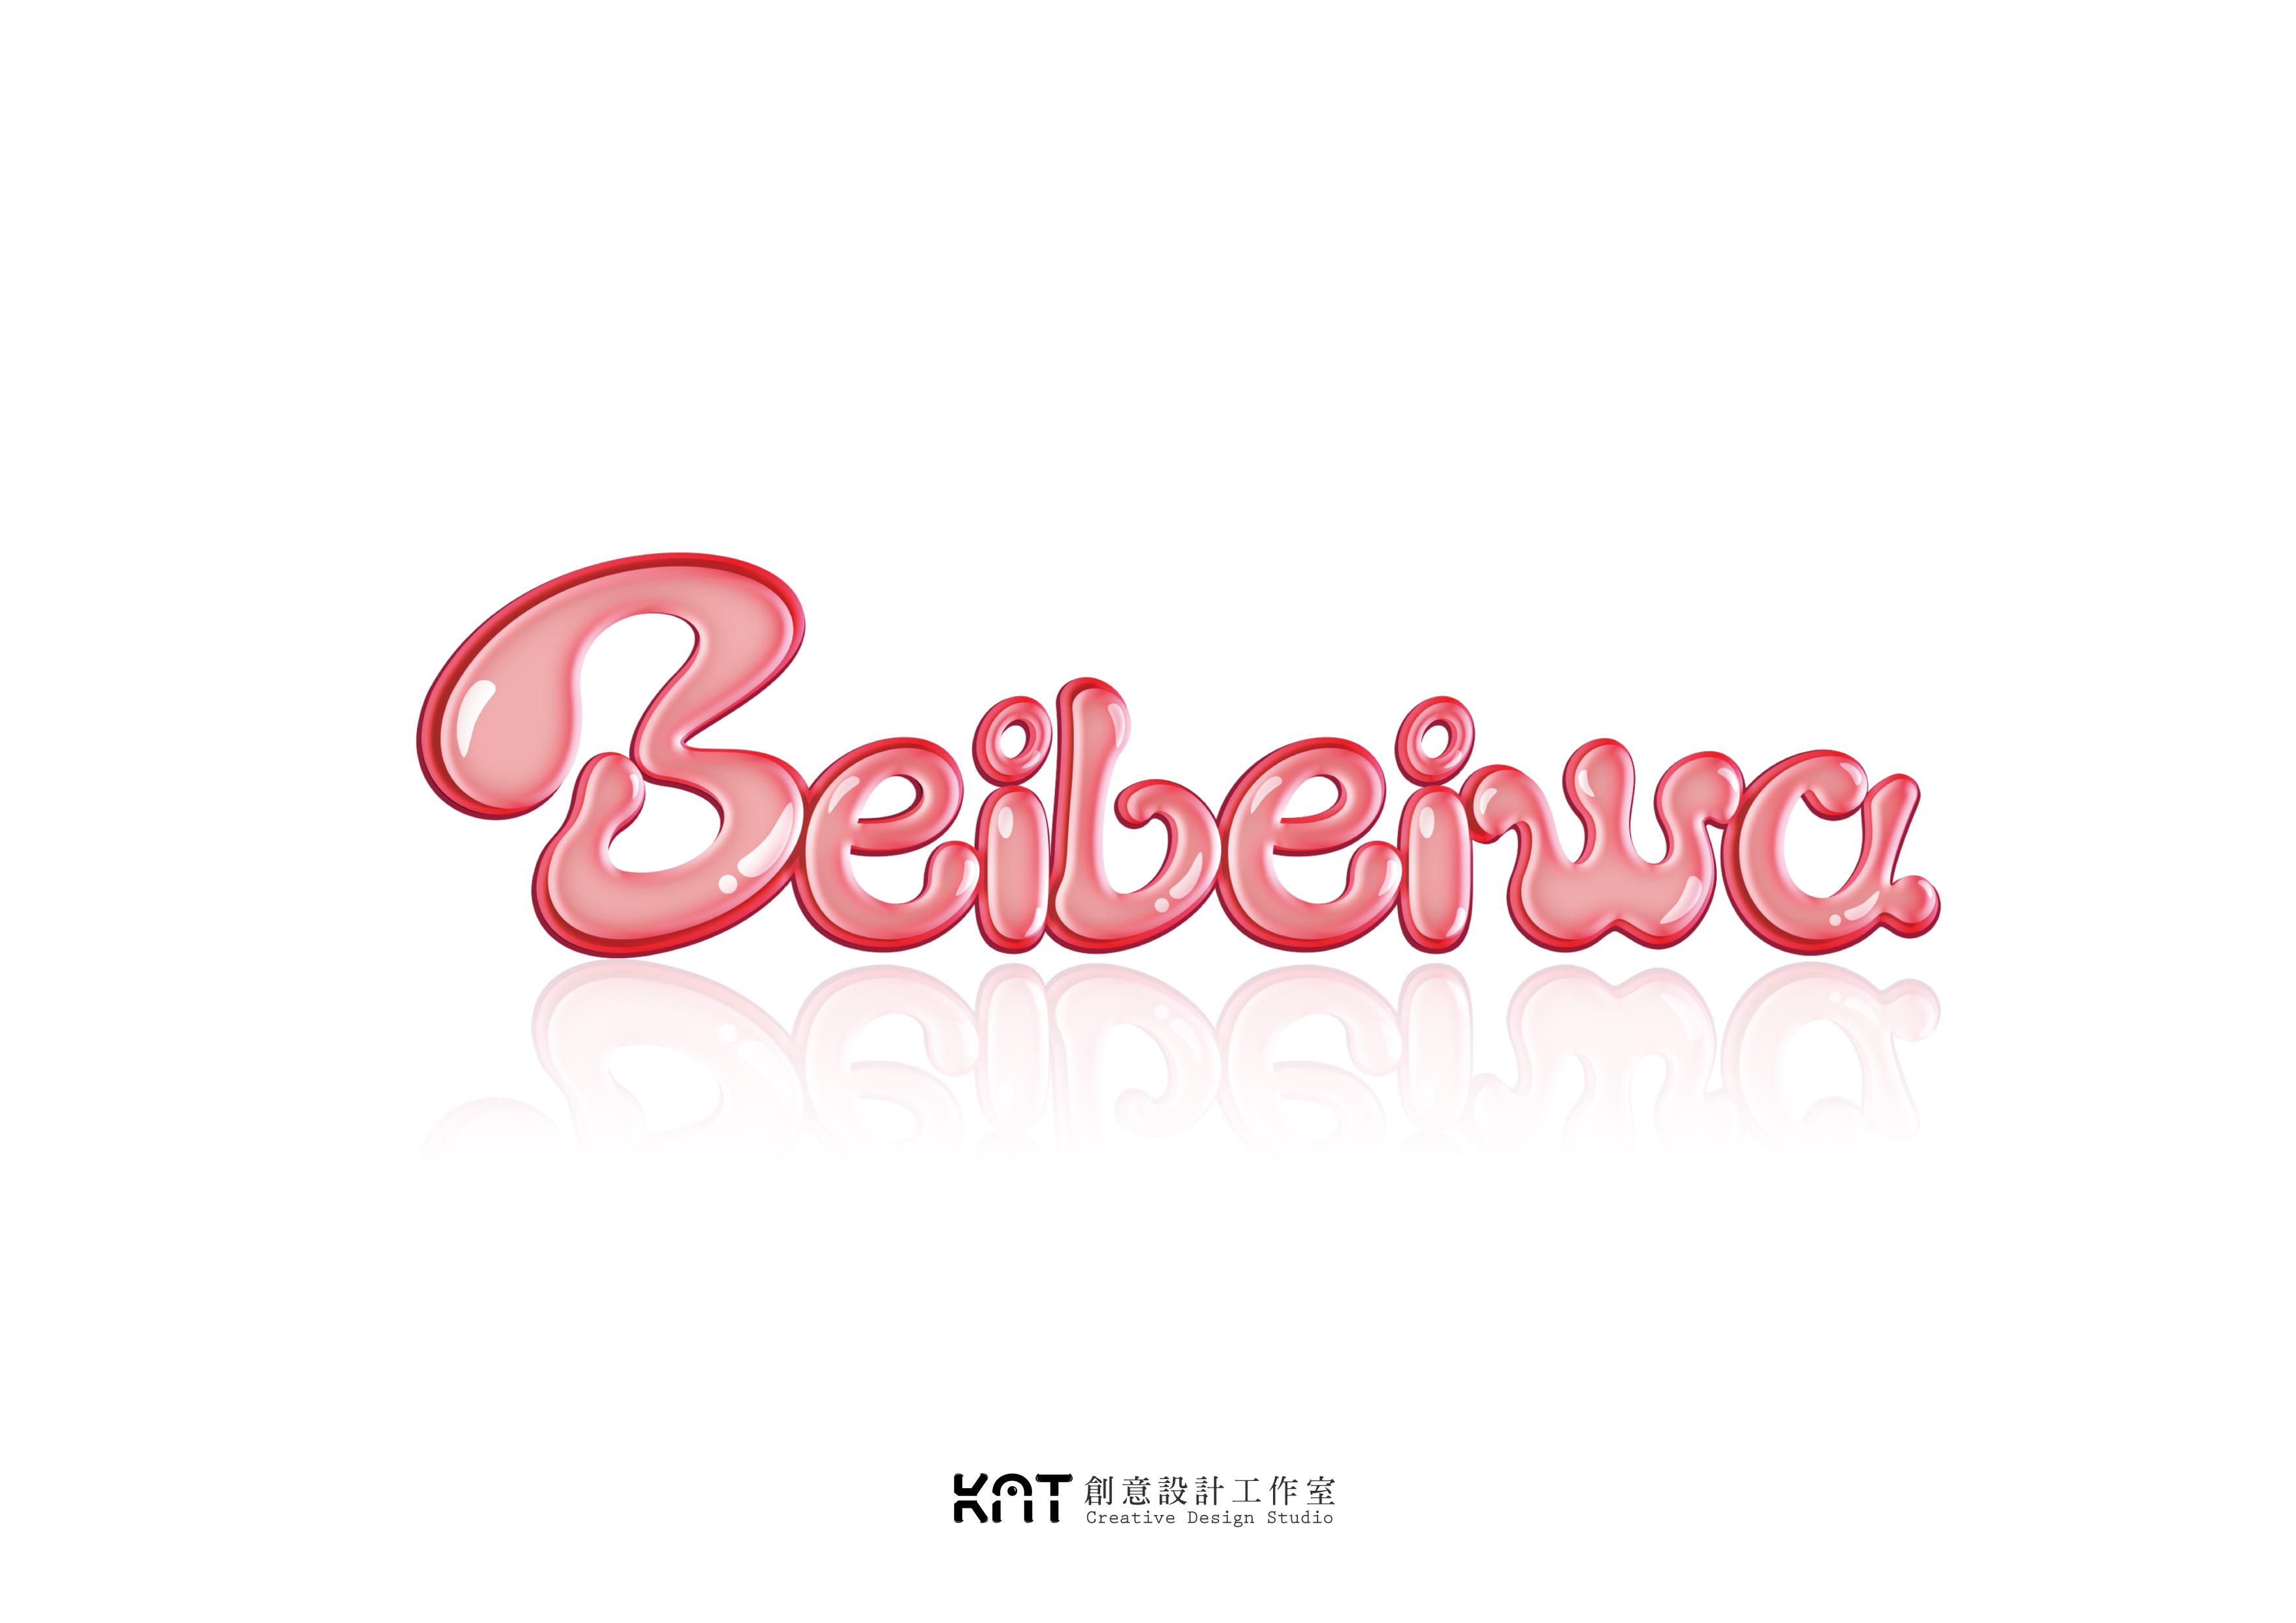 katwoo 字体设计/logo -beibeiwa 贝贝娃图片